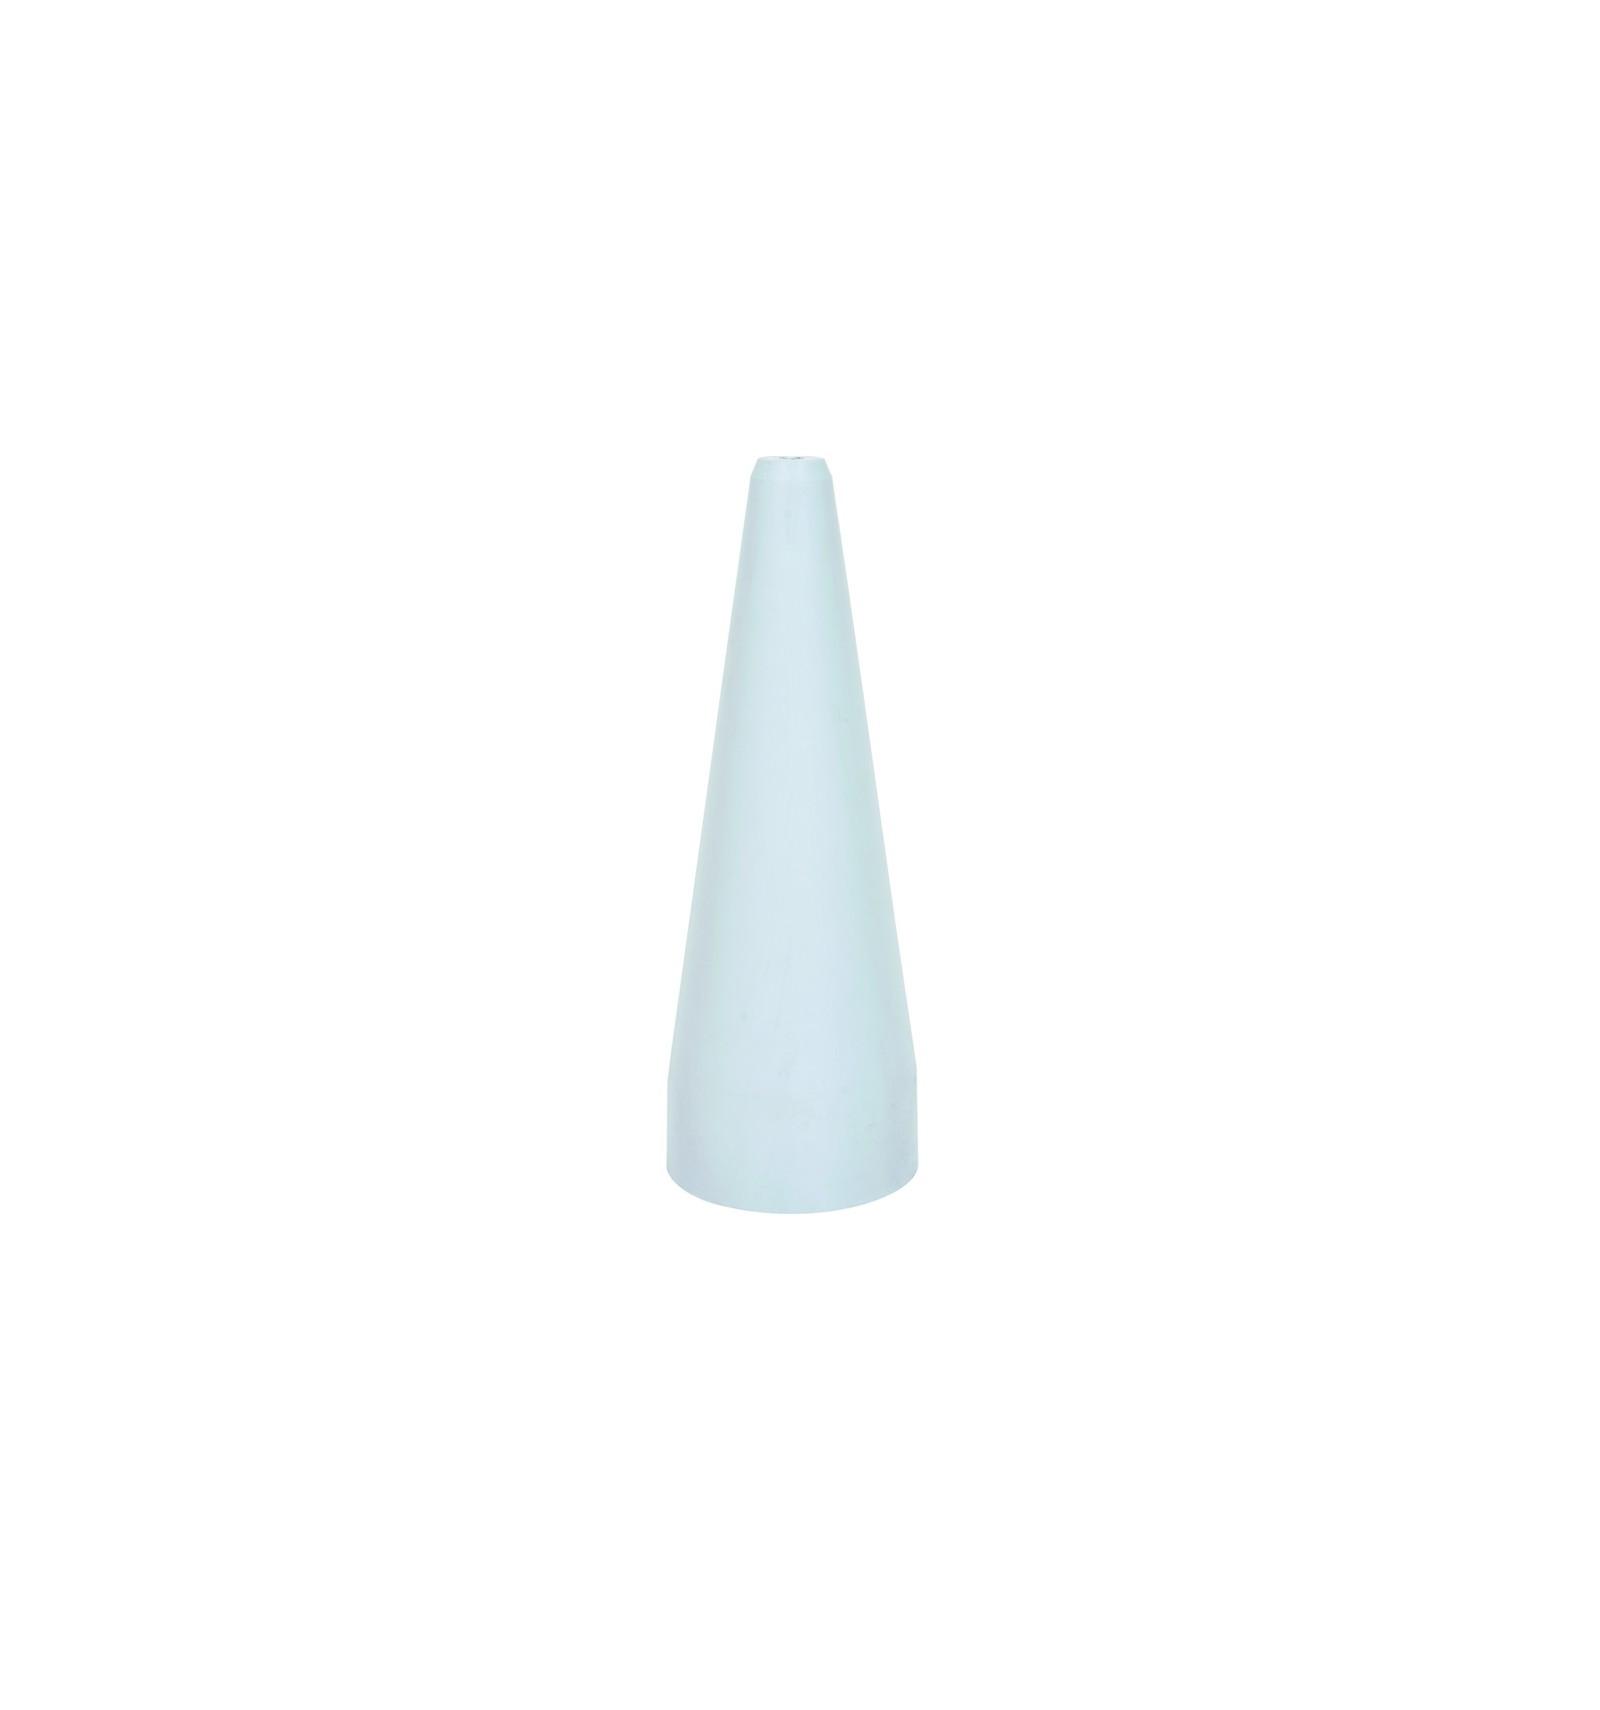 cone de montage pour soufflet cardan. Black Bedroom Furniture Sets. Home Design Ideas